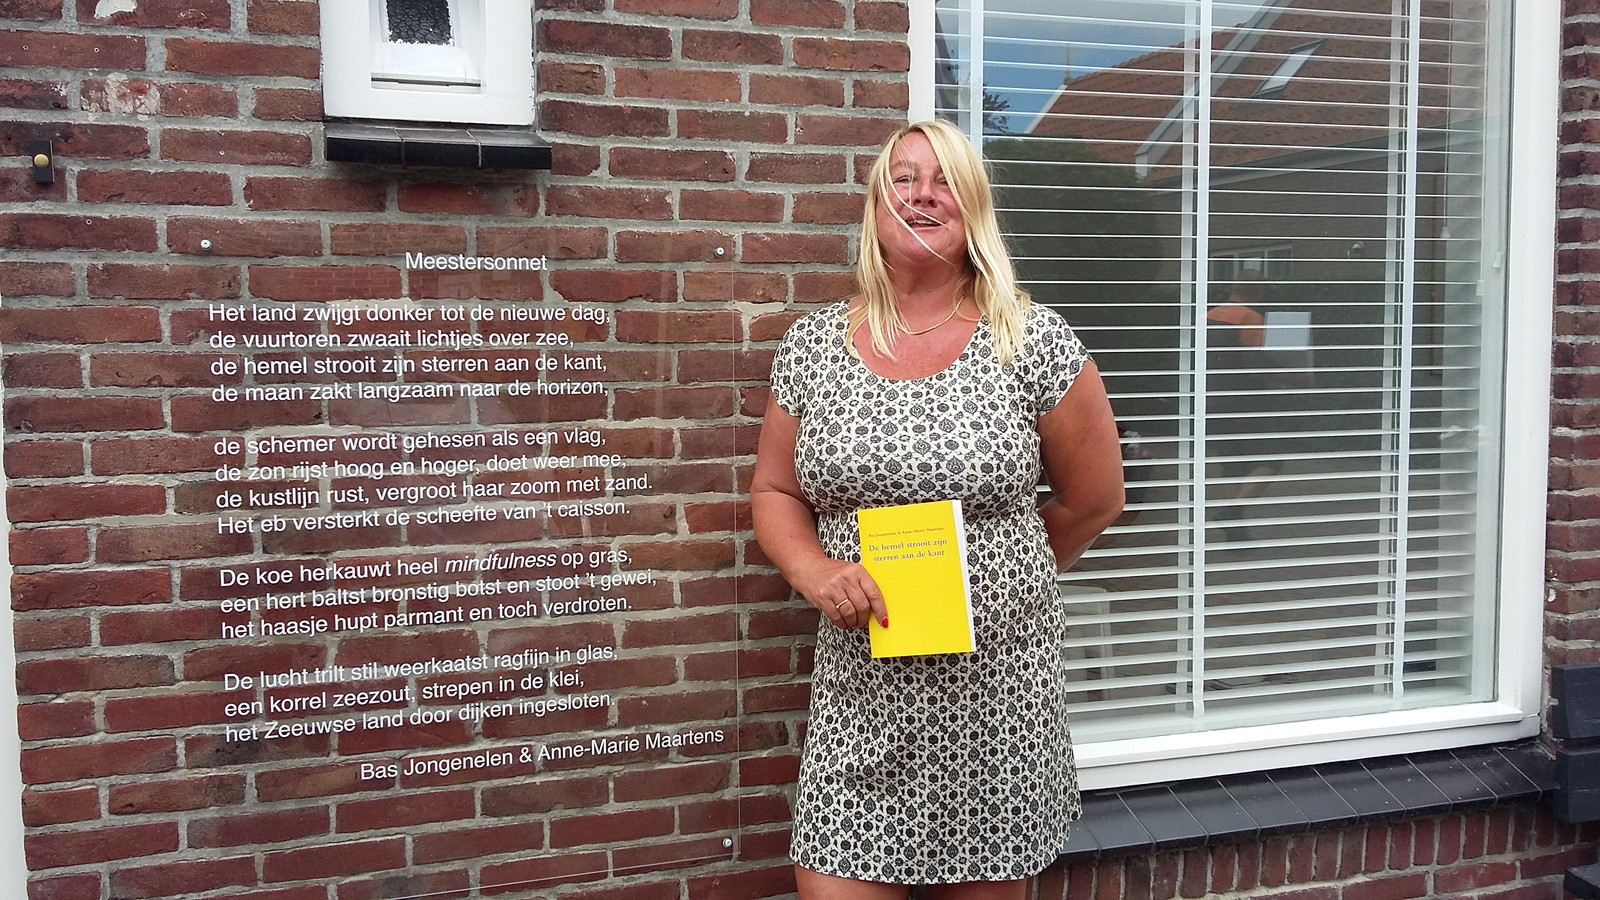 Anne-Marie Maartens